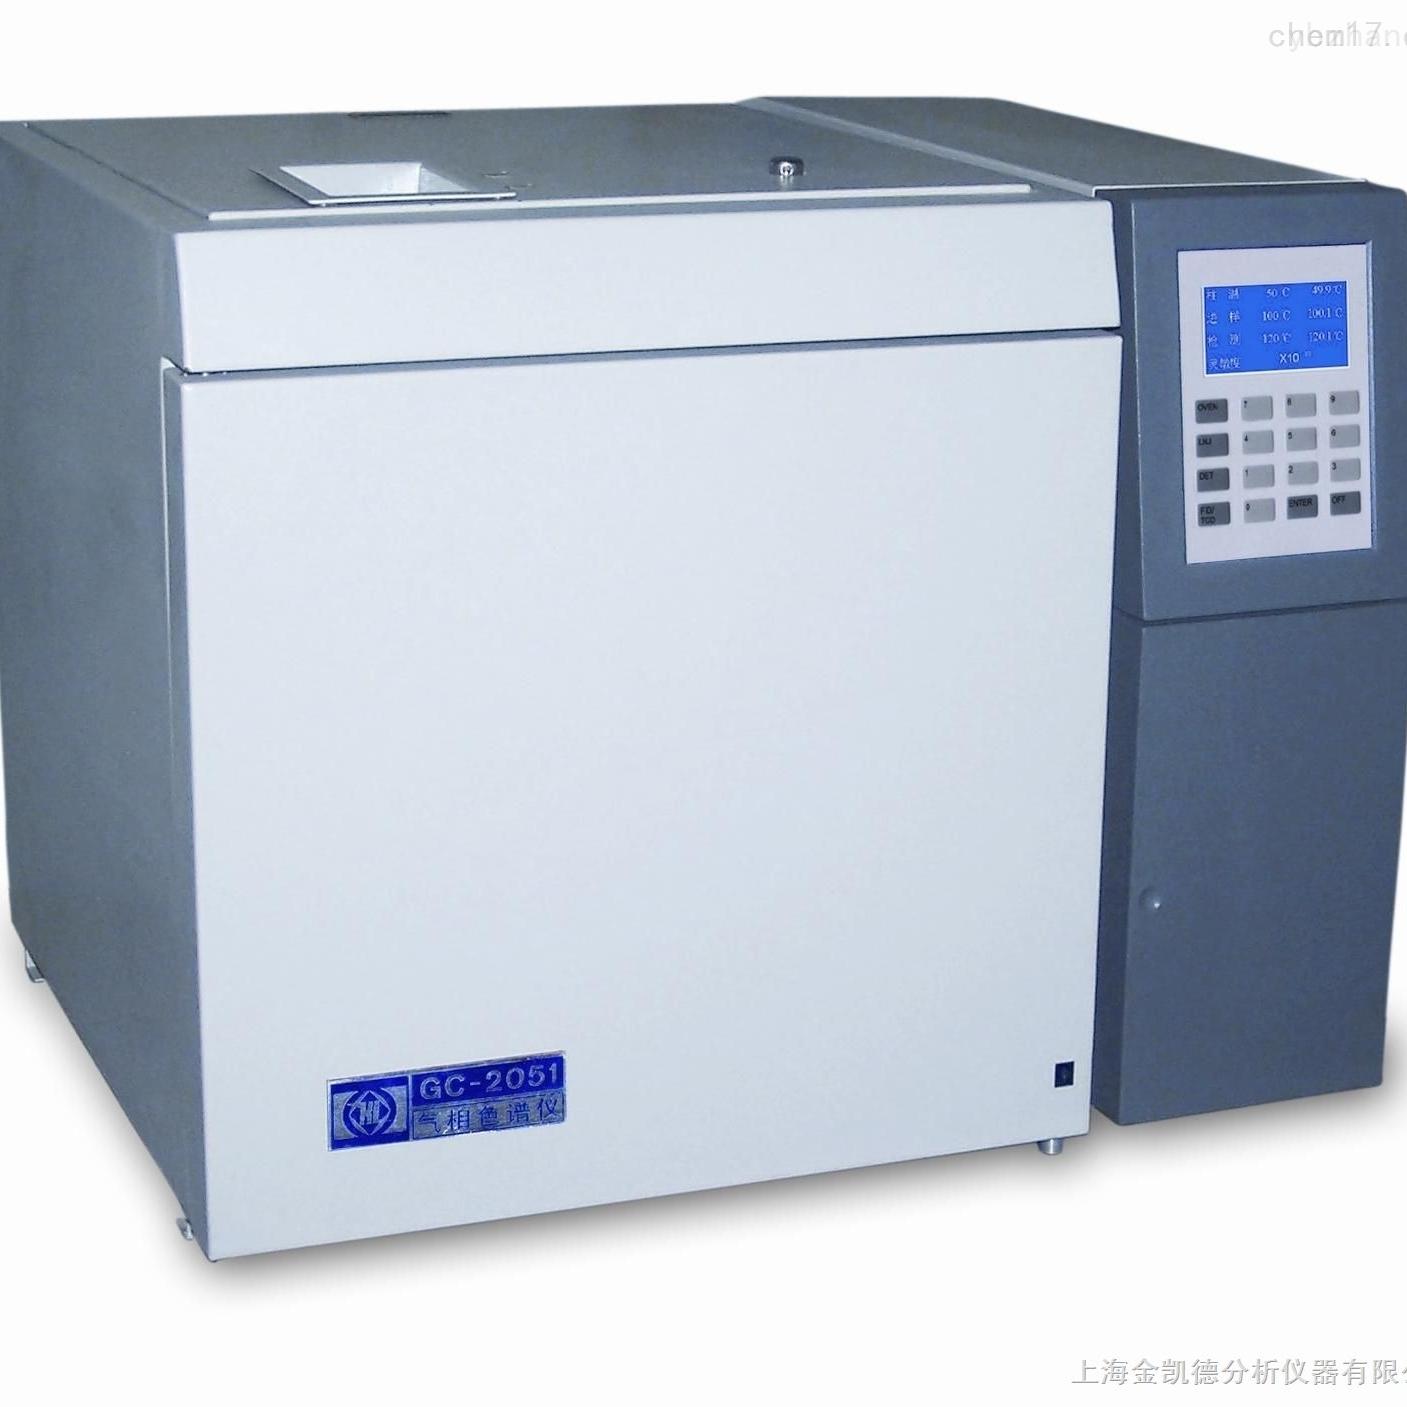 合肥市承试电力设备电力部门气相色谱仪